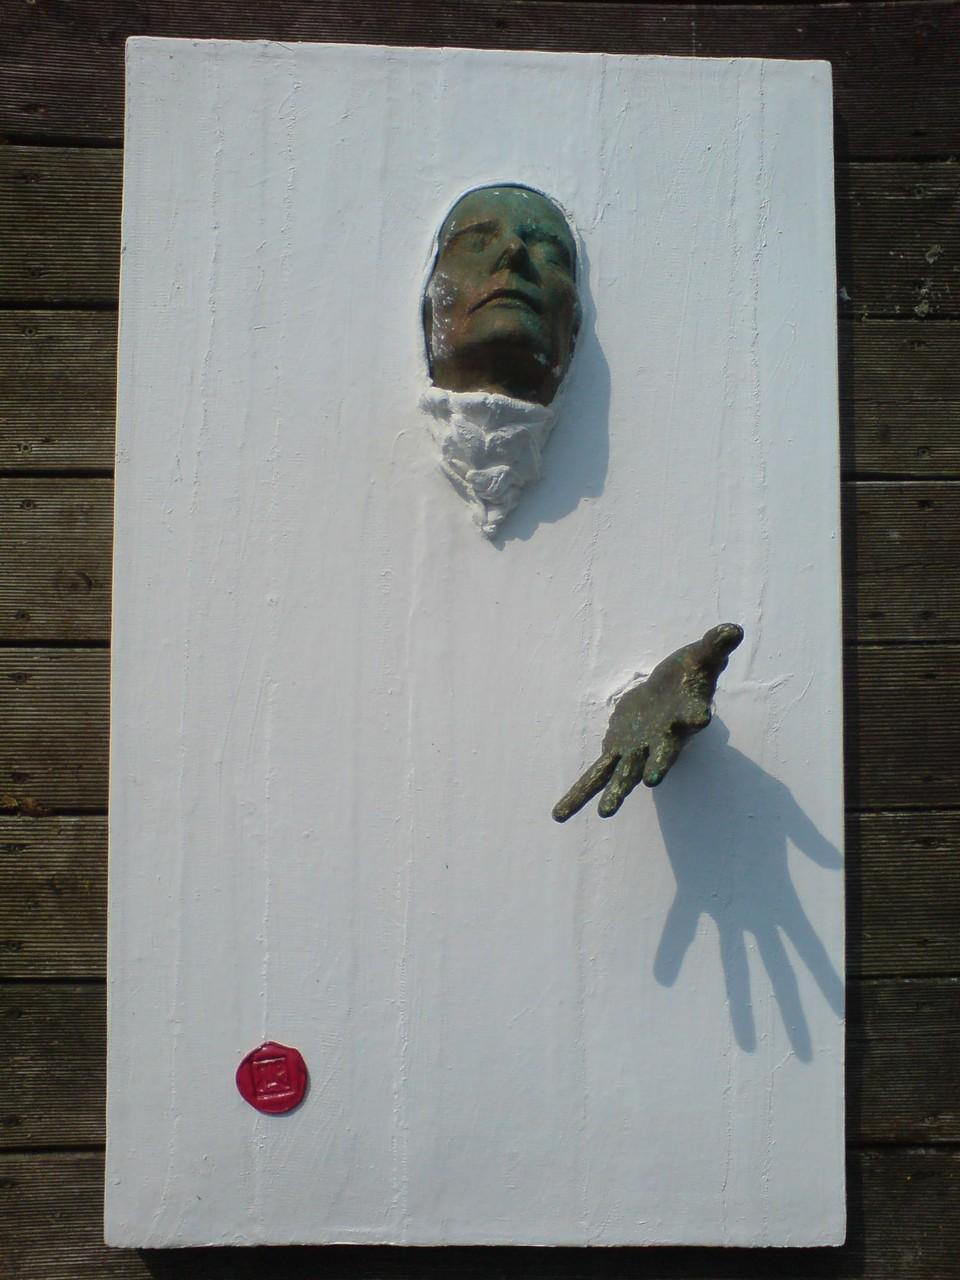 Atelierarbeiten, Berliner Insel - Kleiner Wall, 2015